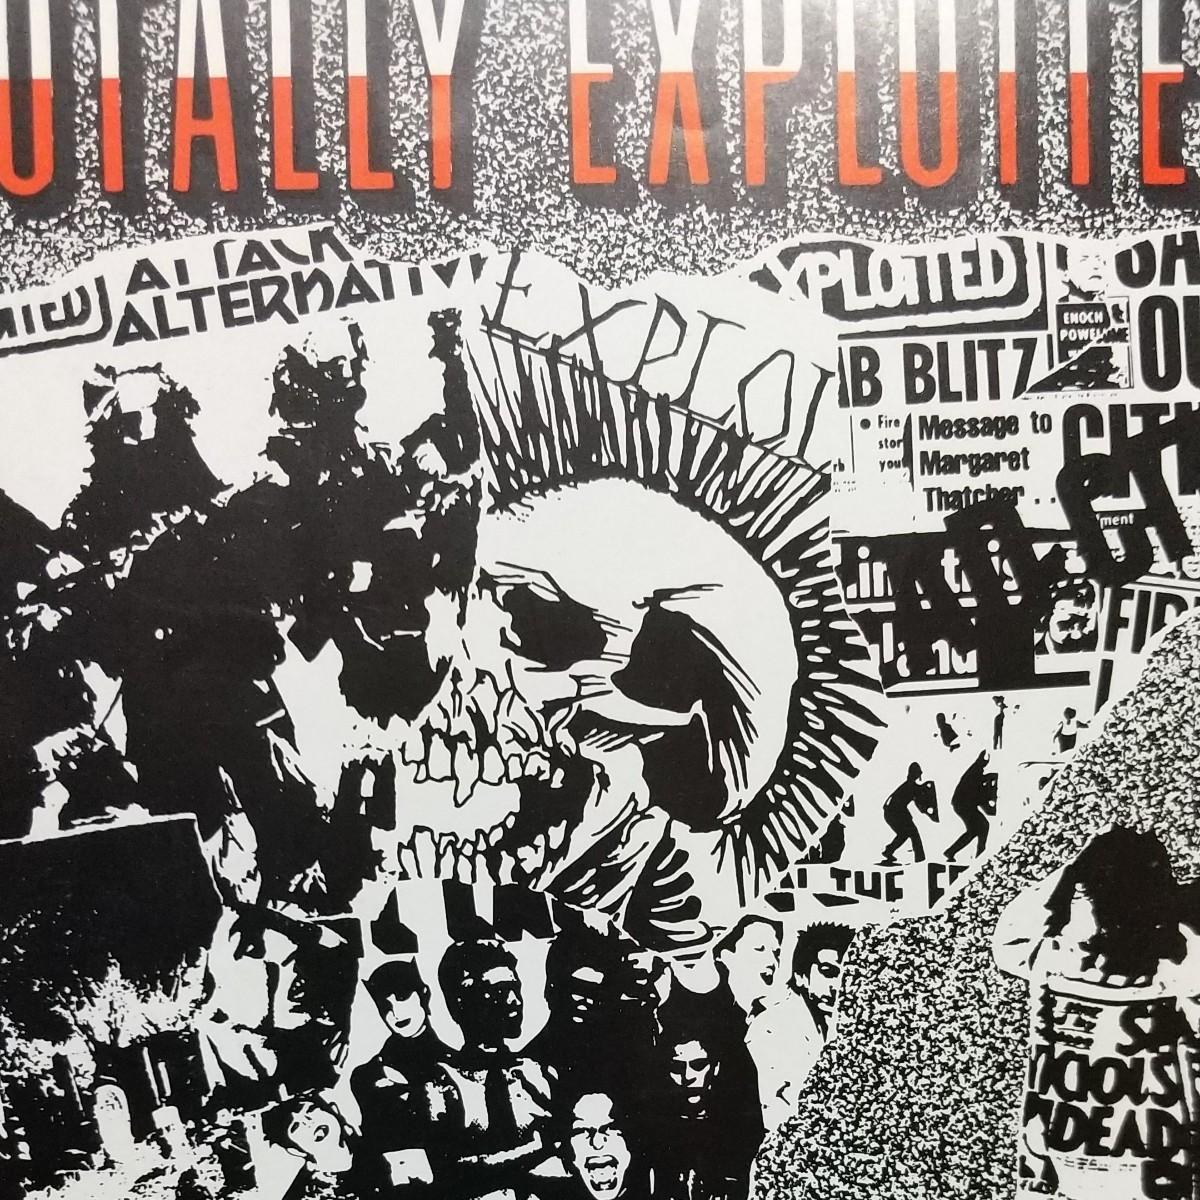 the exploited/totally exploited